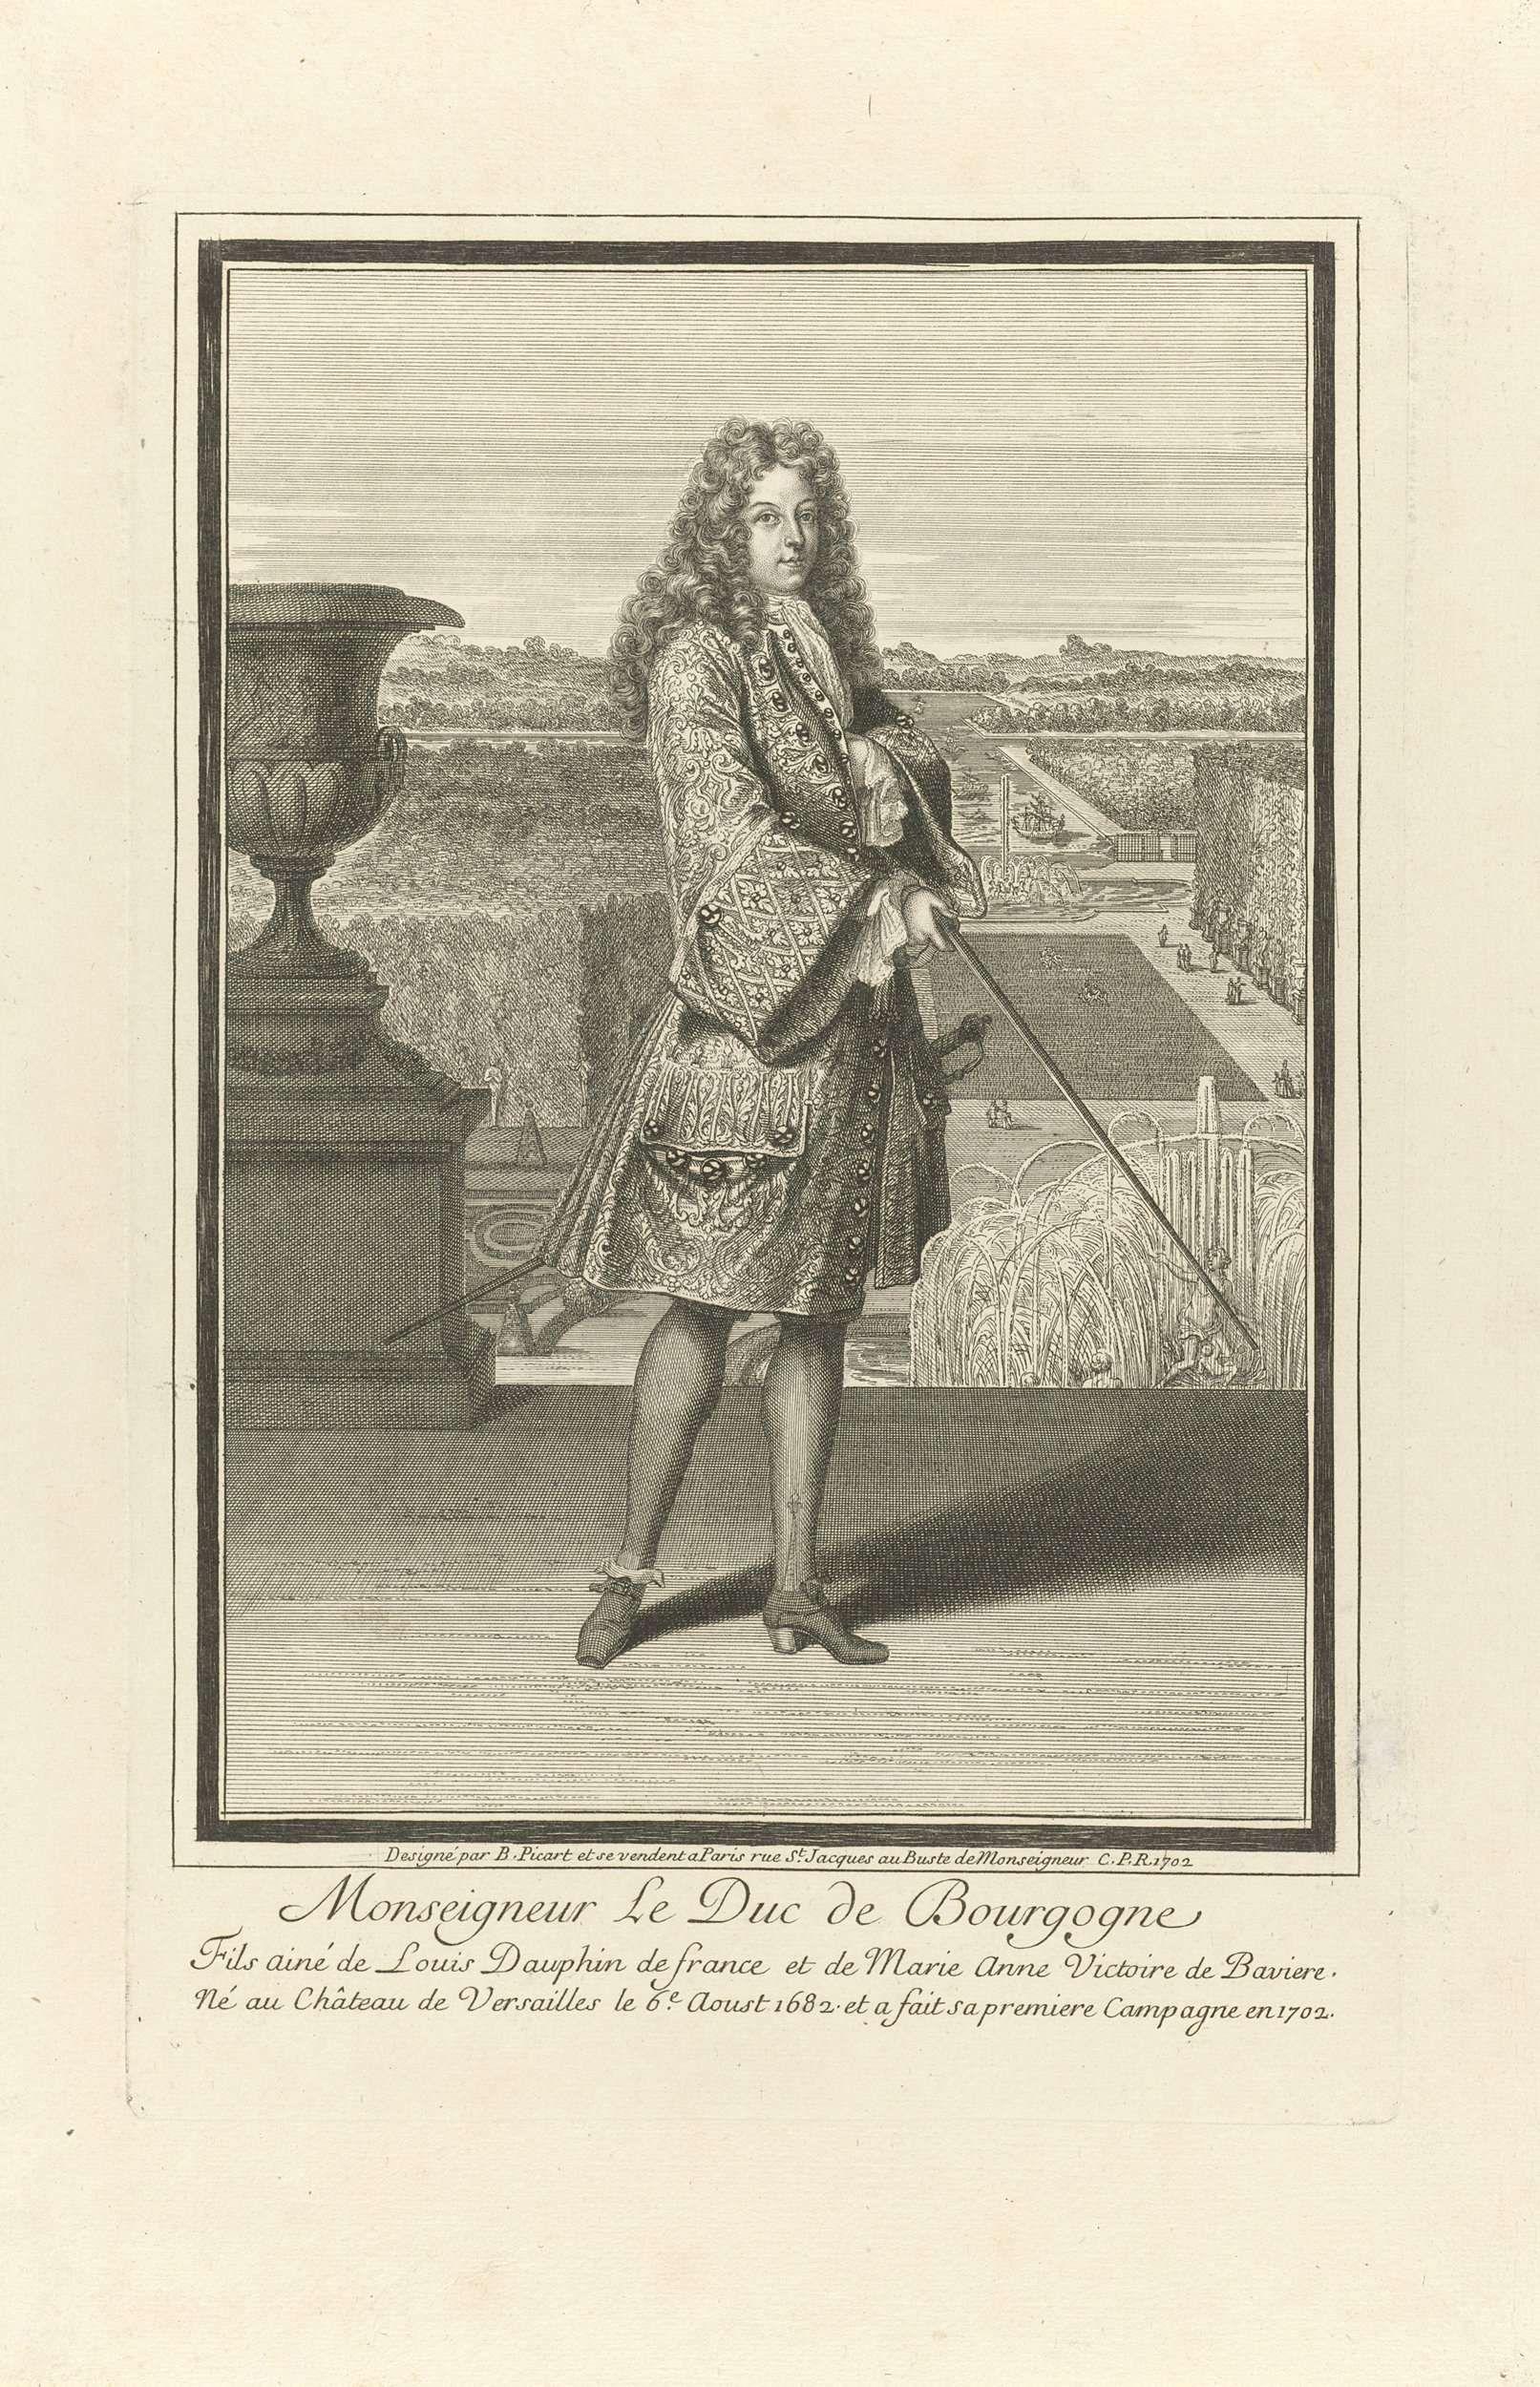 Etienne Picart | Portret van Lodewijk, hertog van Bourgondië, Etienne Picart, Lodewijk XIV (koning van Frankrijk), 1702 | Portret van Lodewijk, hertog van Bourgondië en dauphin van Frankrijk. Hij staat op een bordes, een wandelstok in de hand. Op de achtergrond een gezicht op de tuin van Versailles. In de marge een drieregelig onderschrift in het Frans.